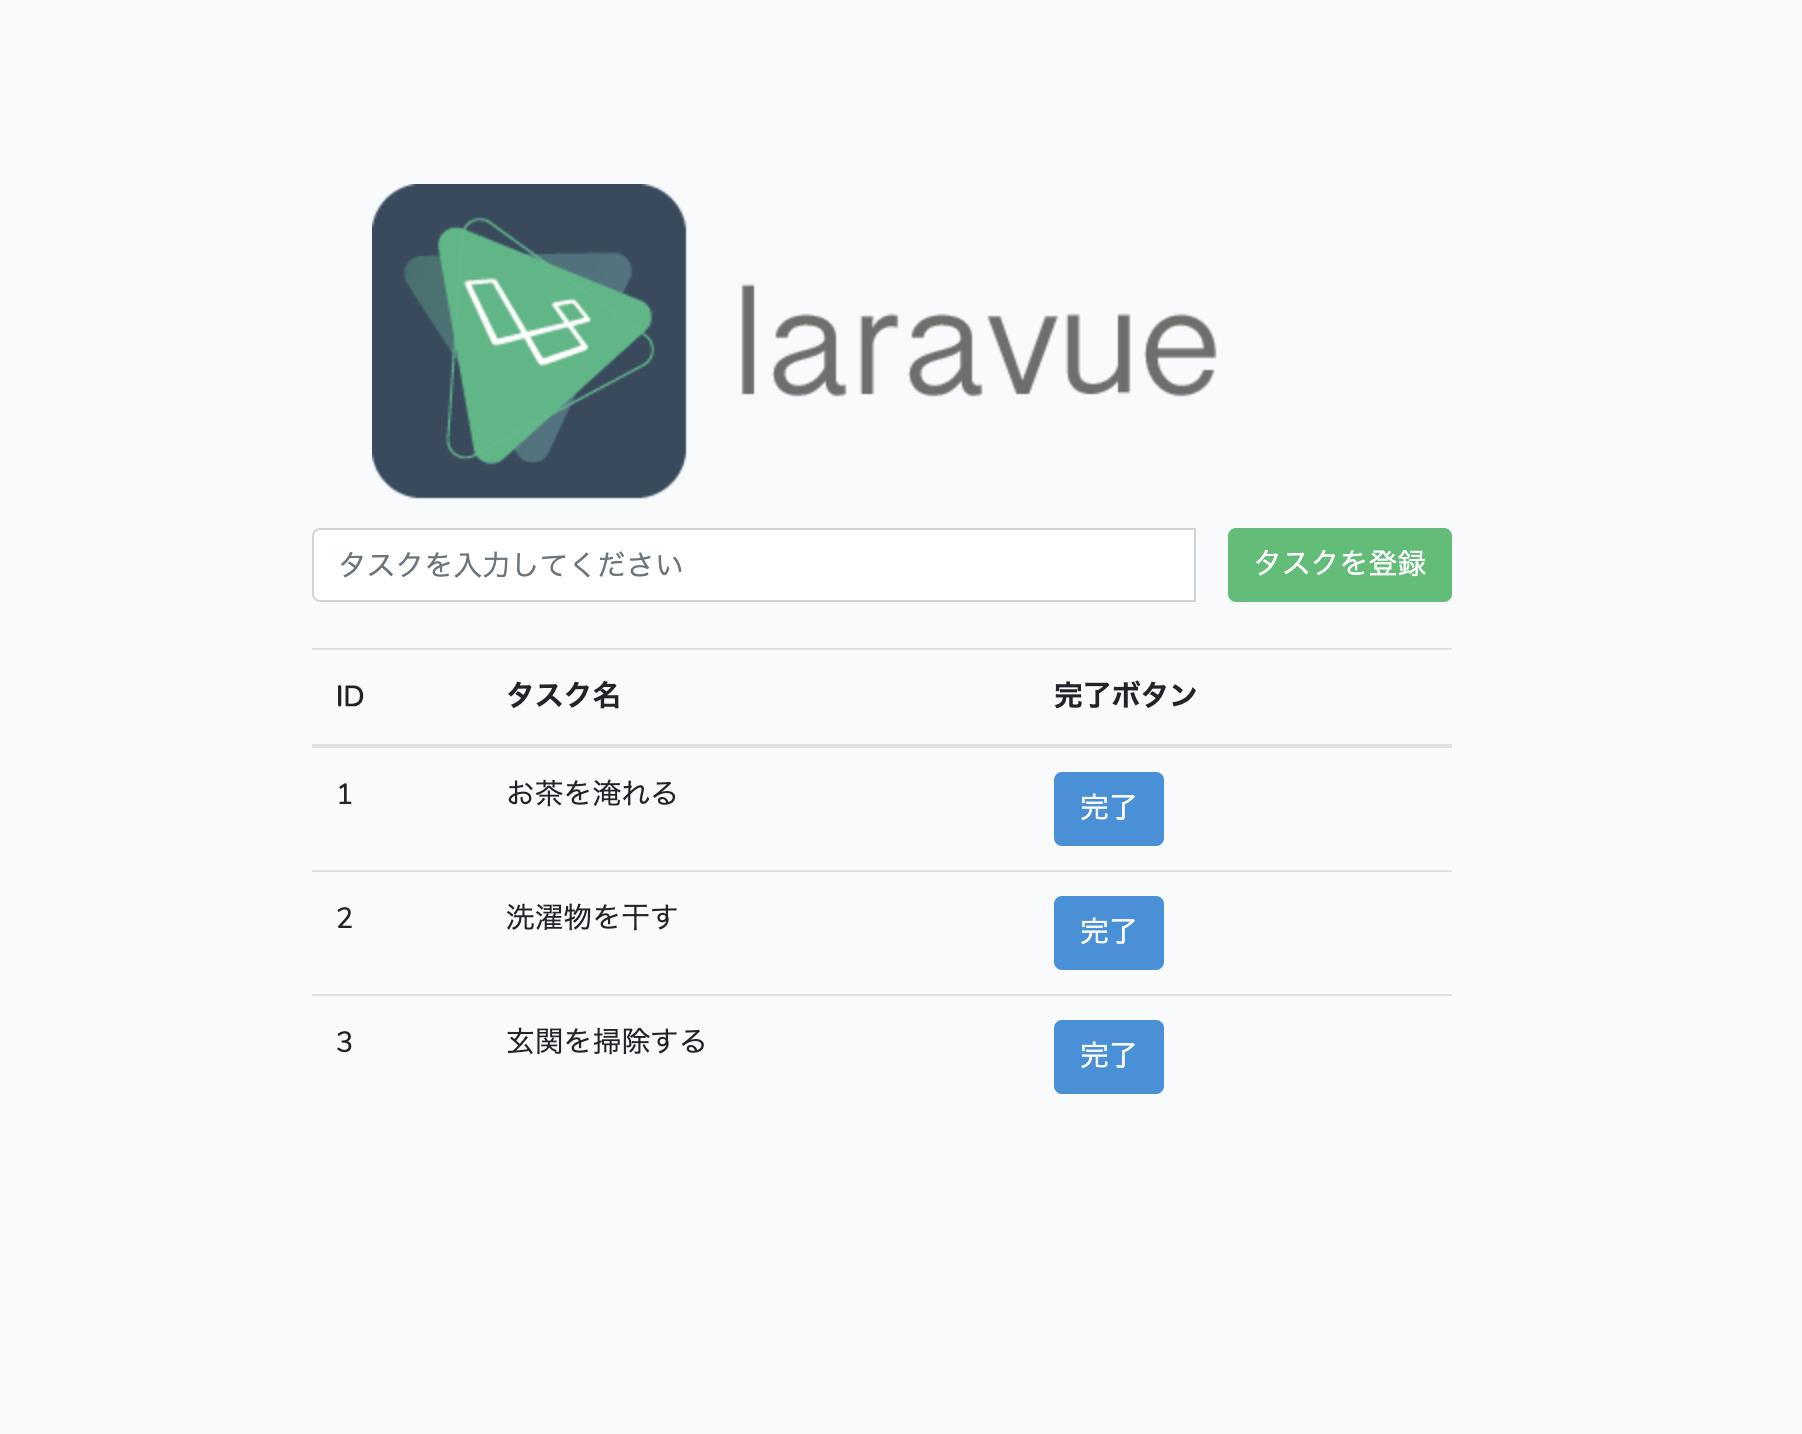 laravue_todo